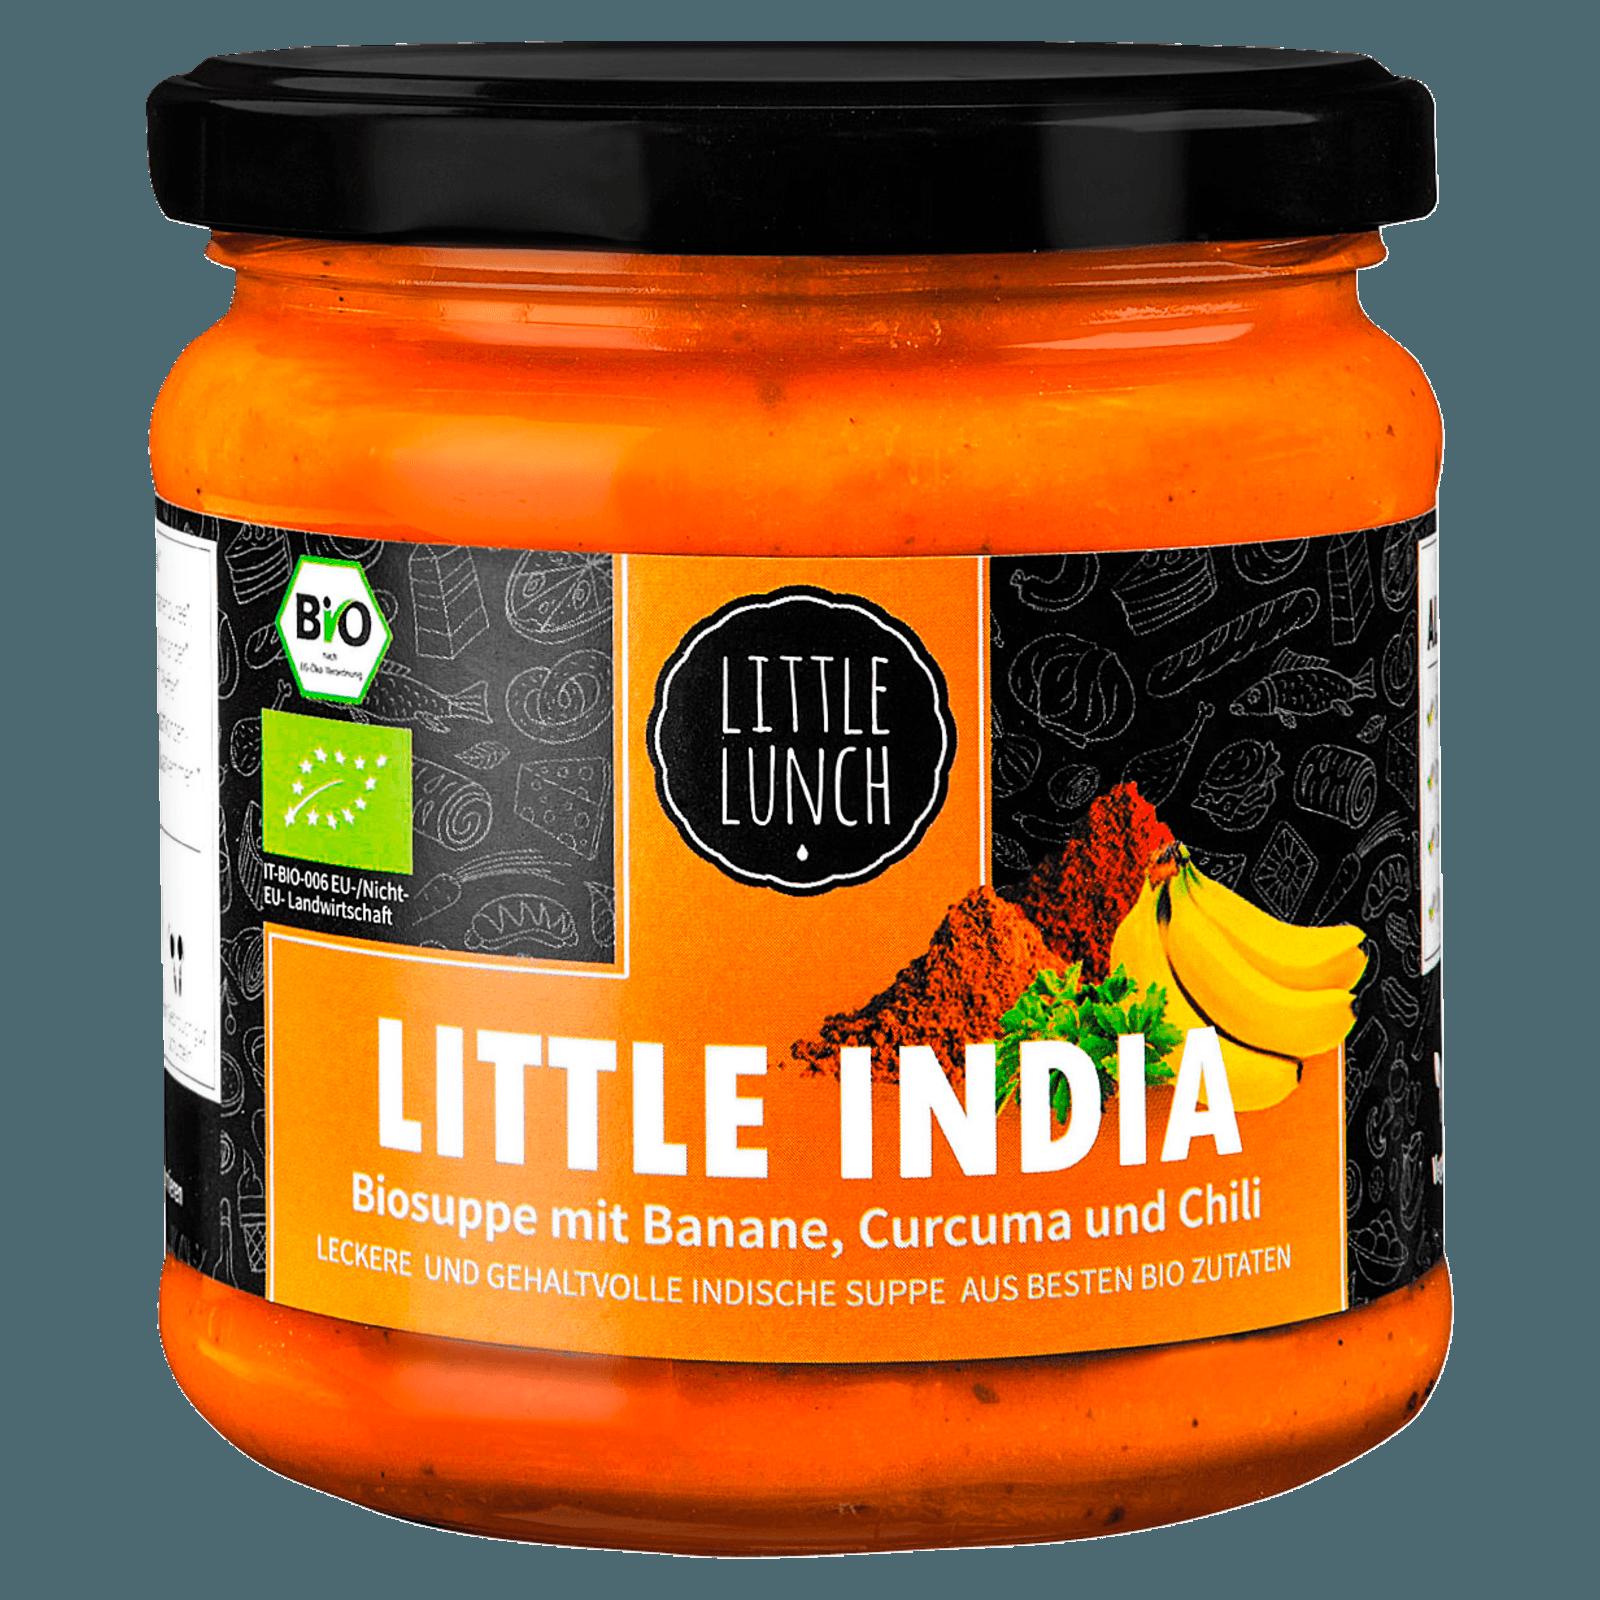 Little Lunch Bio-Suppe Little India 350ml bei REWE online bestellen!